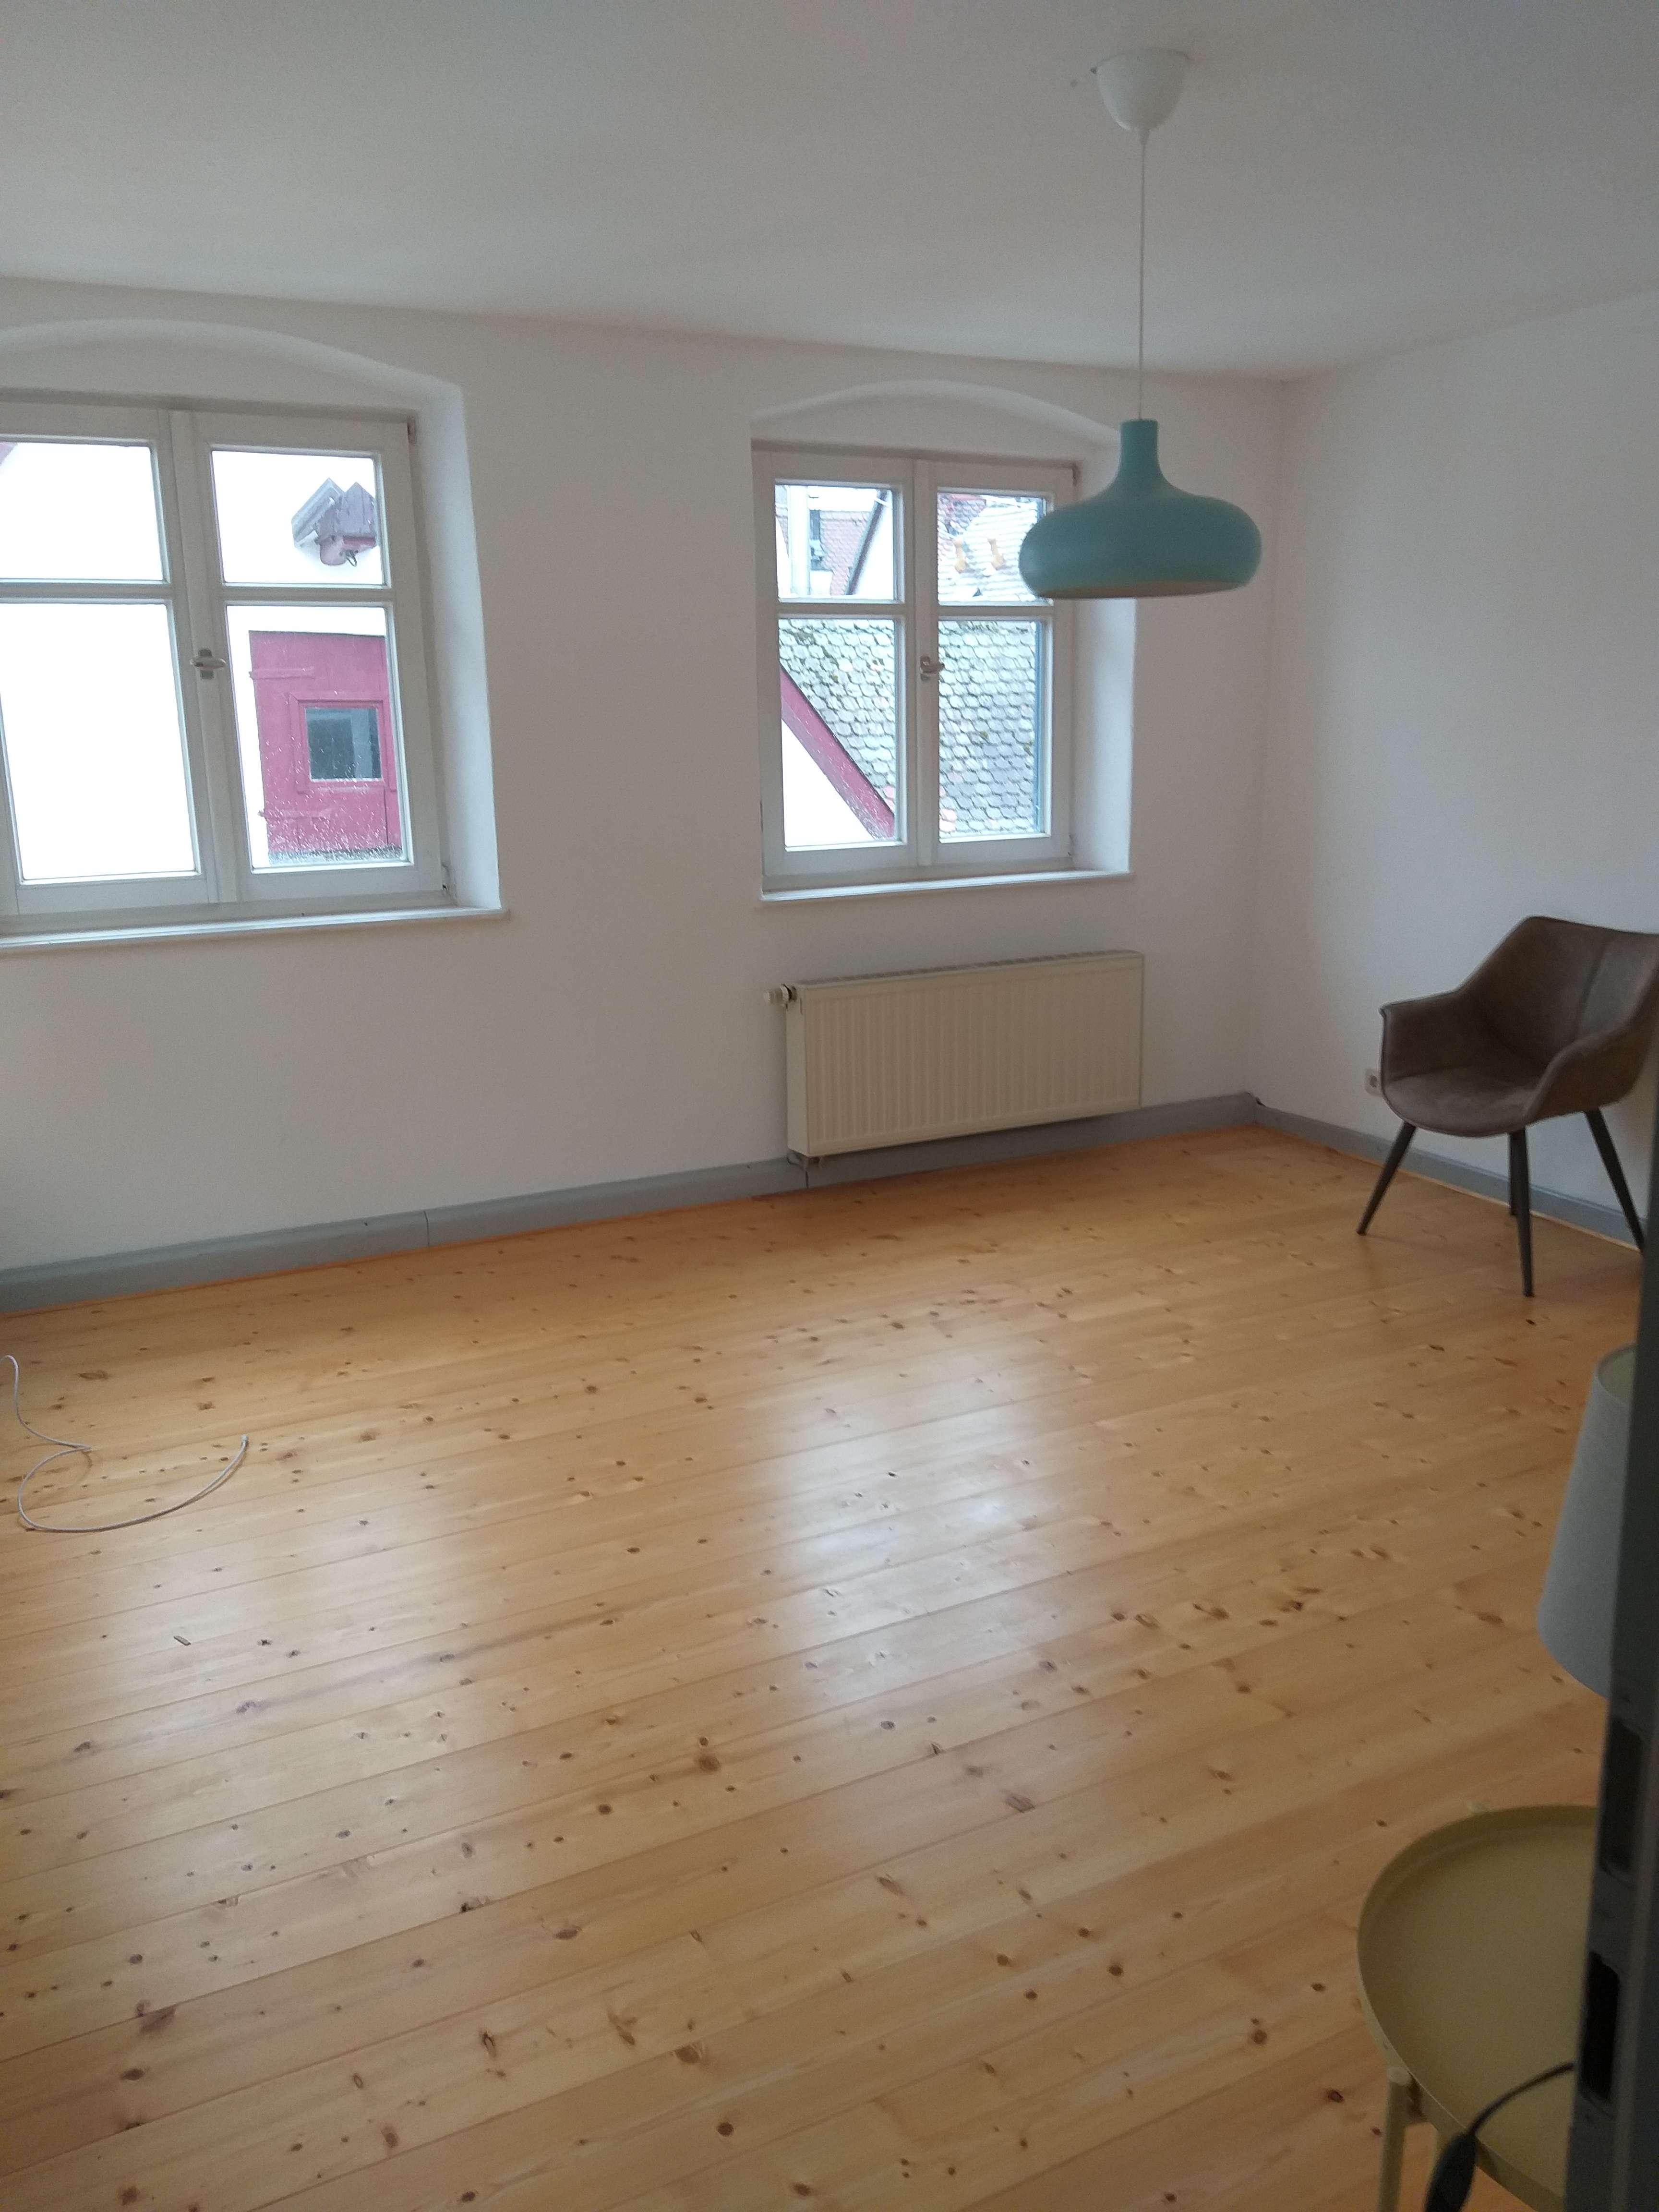 4 Zimmer Wohnung in Günzburg über 2 Etagen mit Abstellraum und Einbauküche in